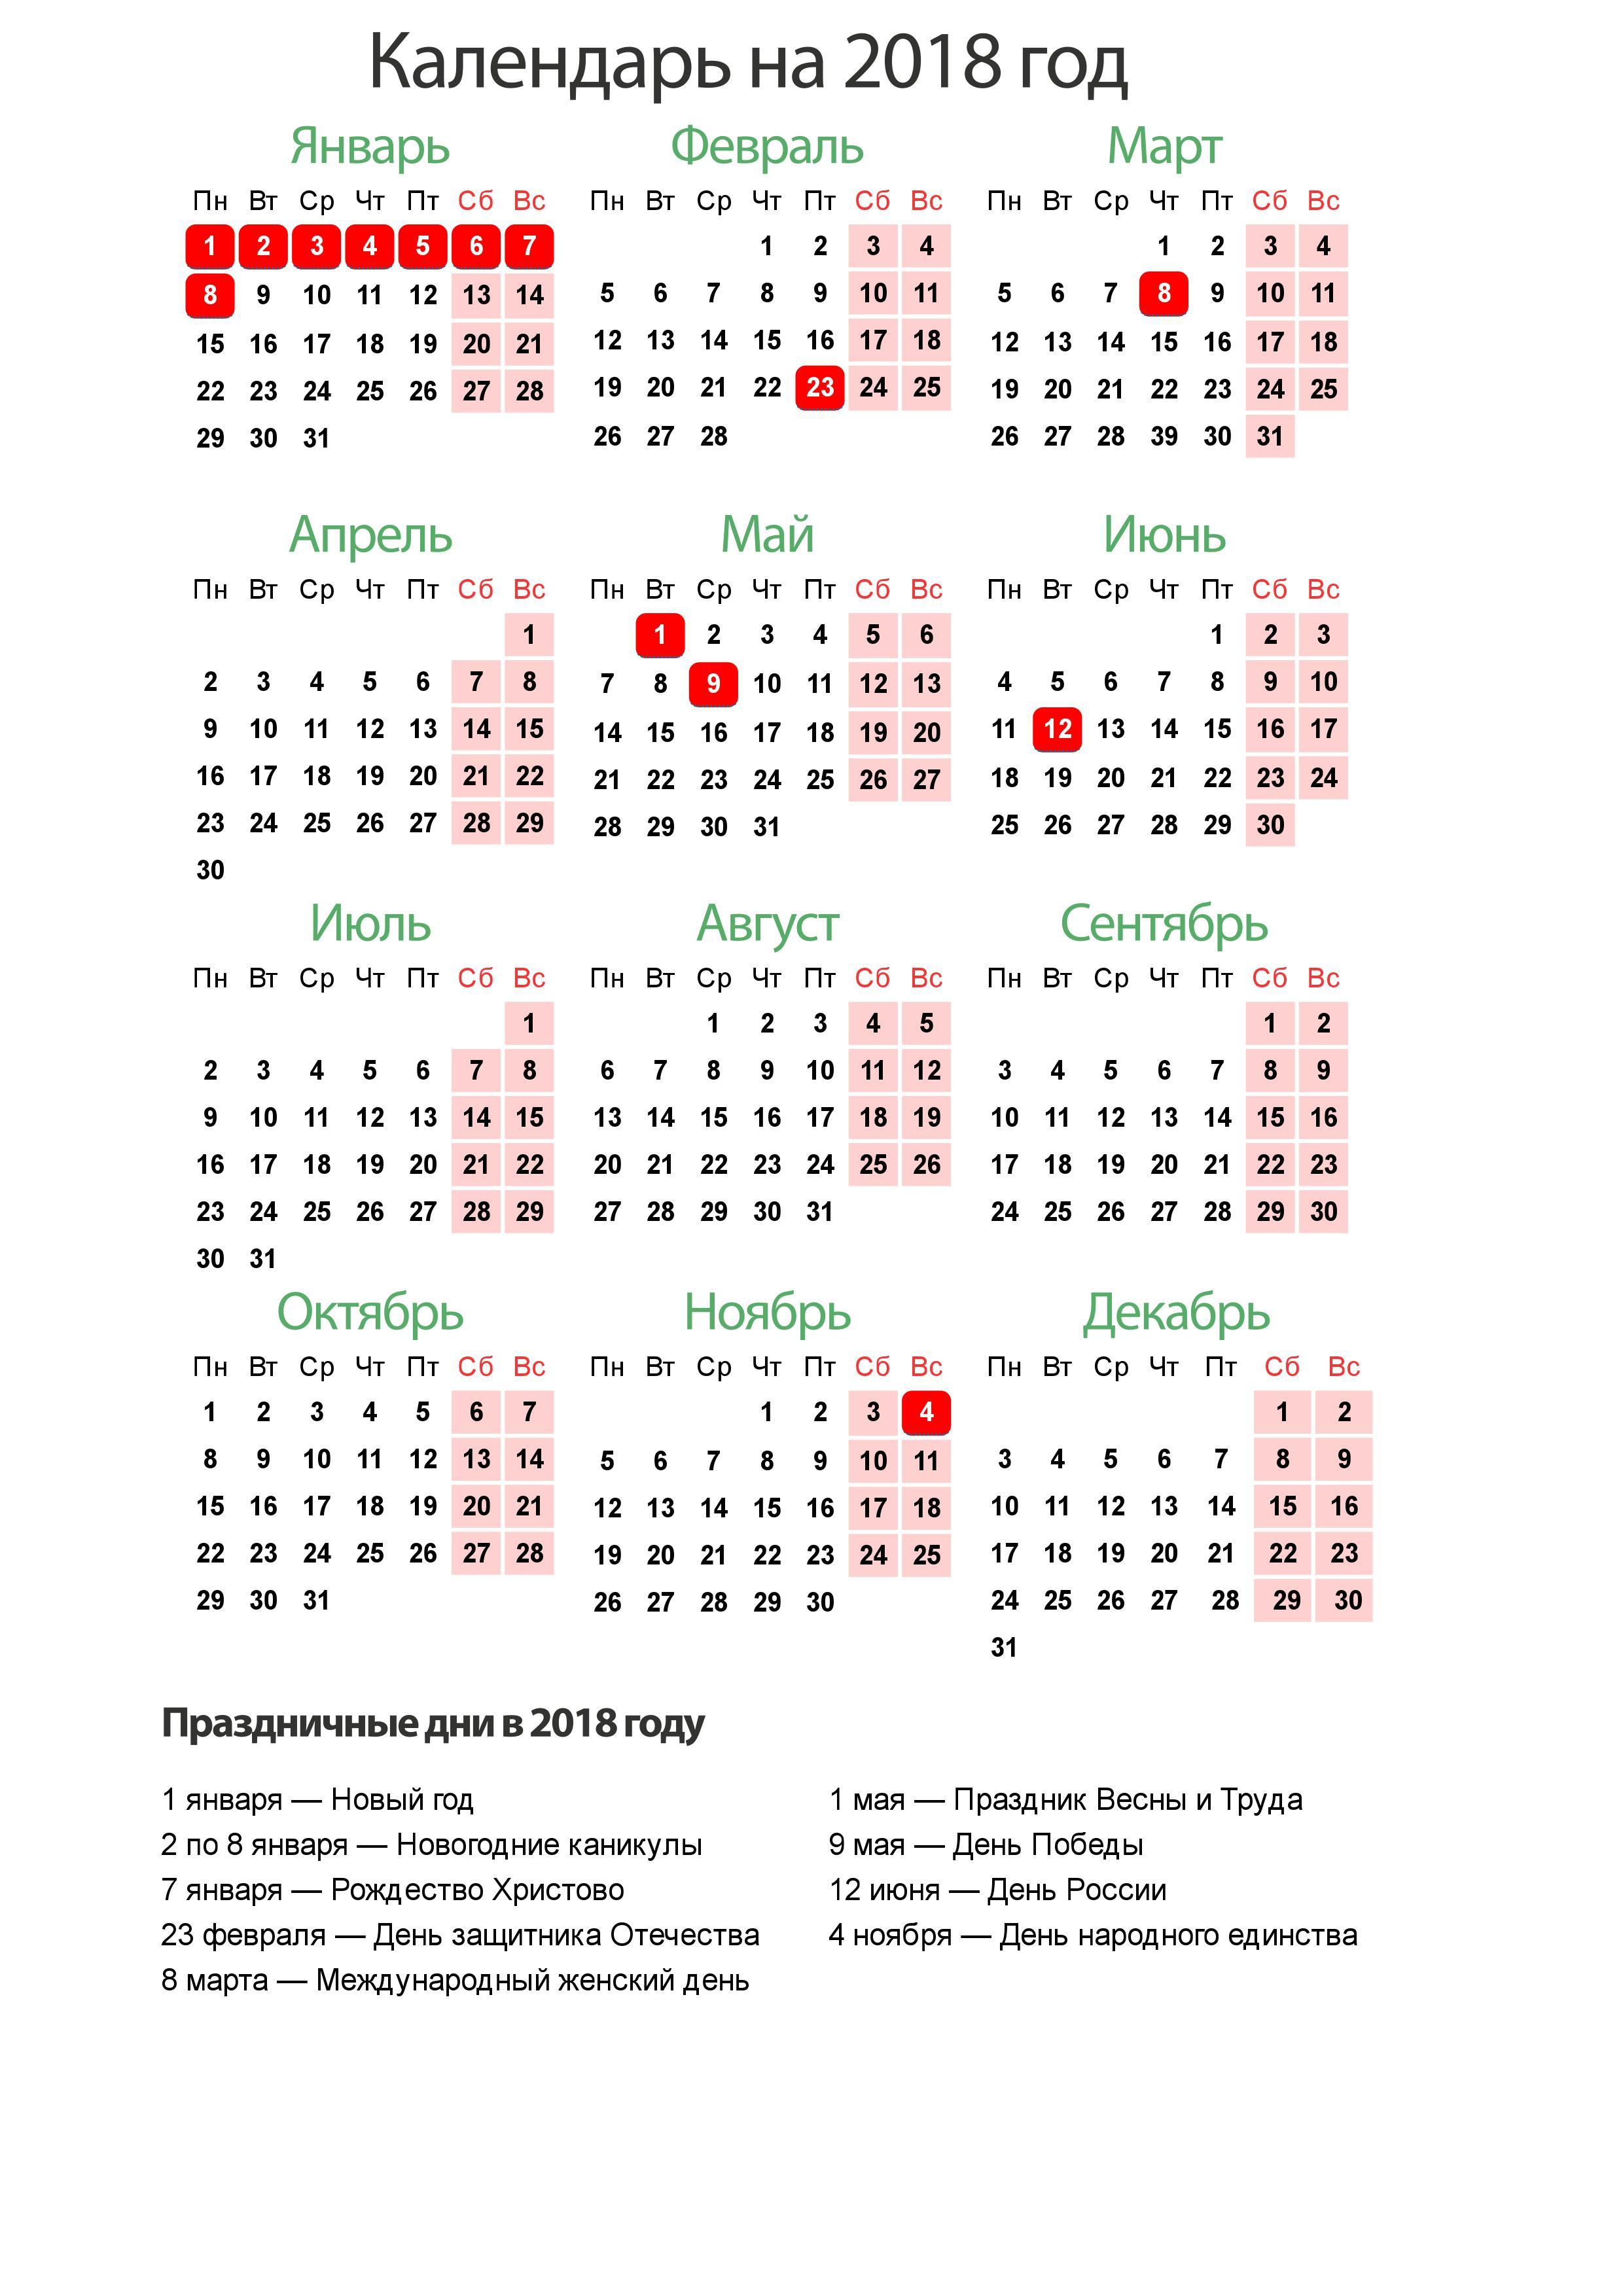 Календарь 2018 года распечатать